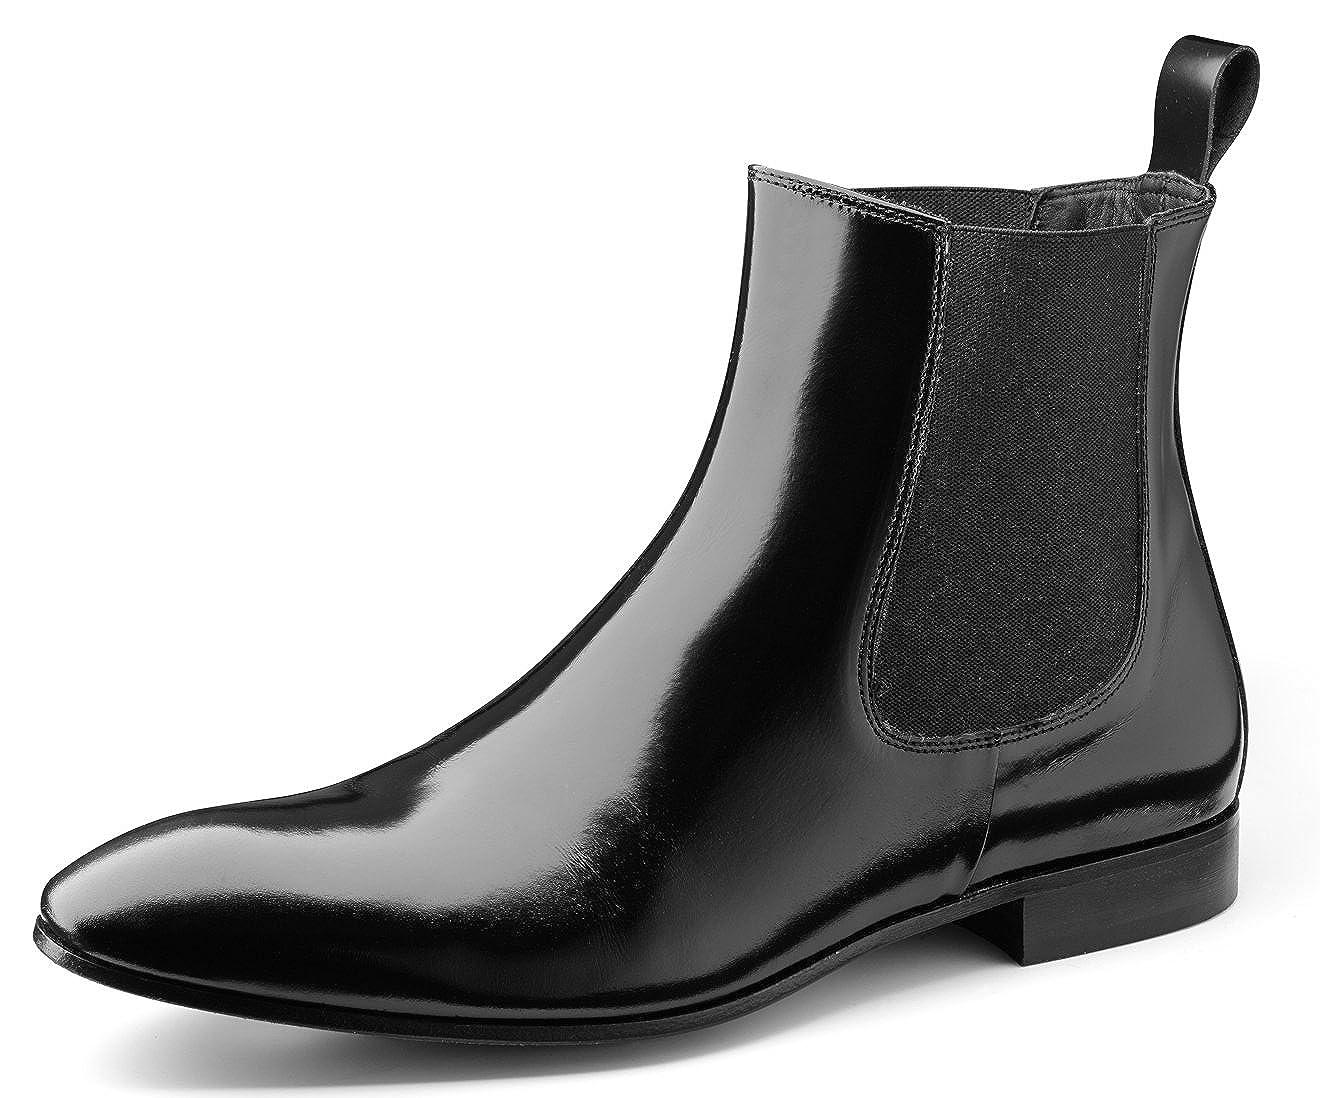 Wilvorst der Klassische LederStiefel der Wilvorst Marke Farbe Schwarz 8abde9